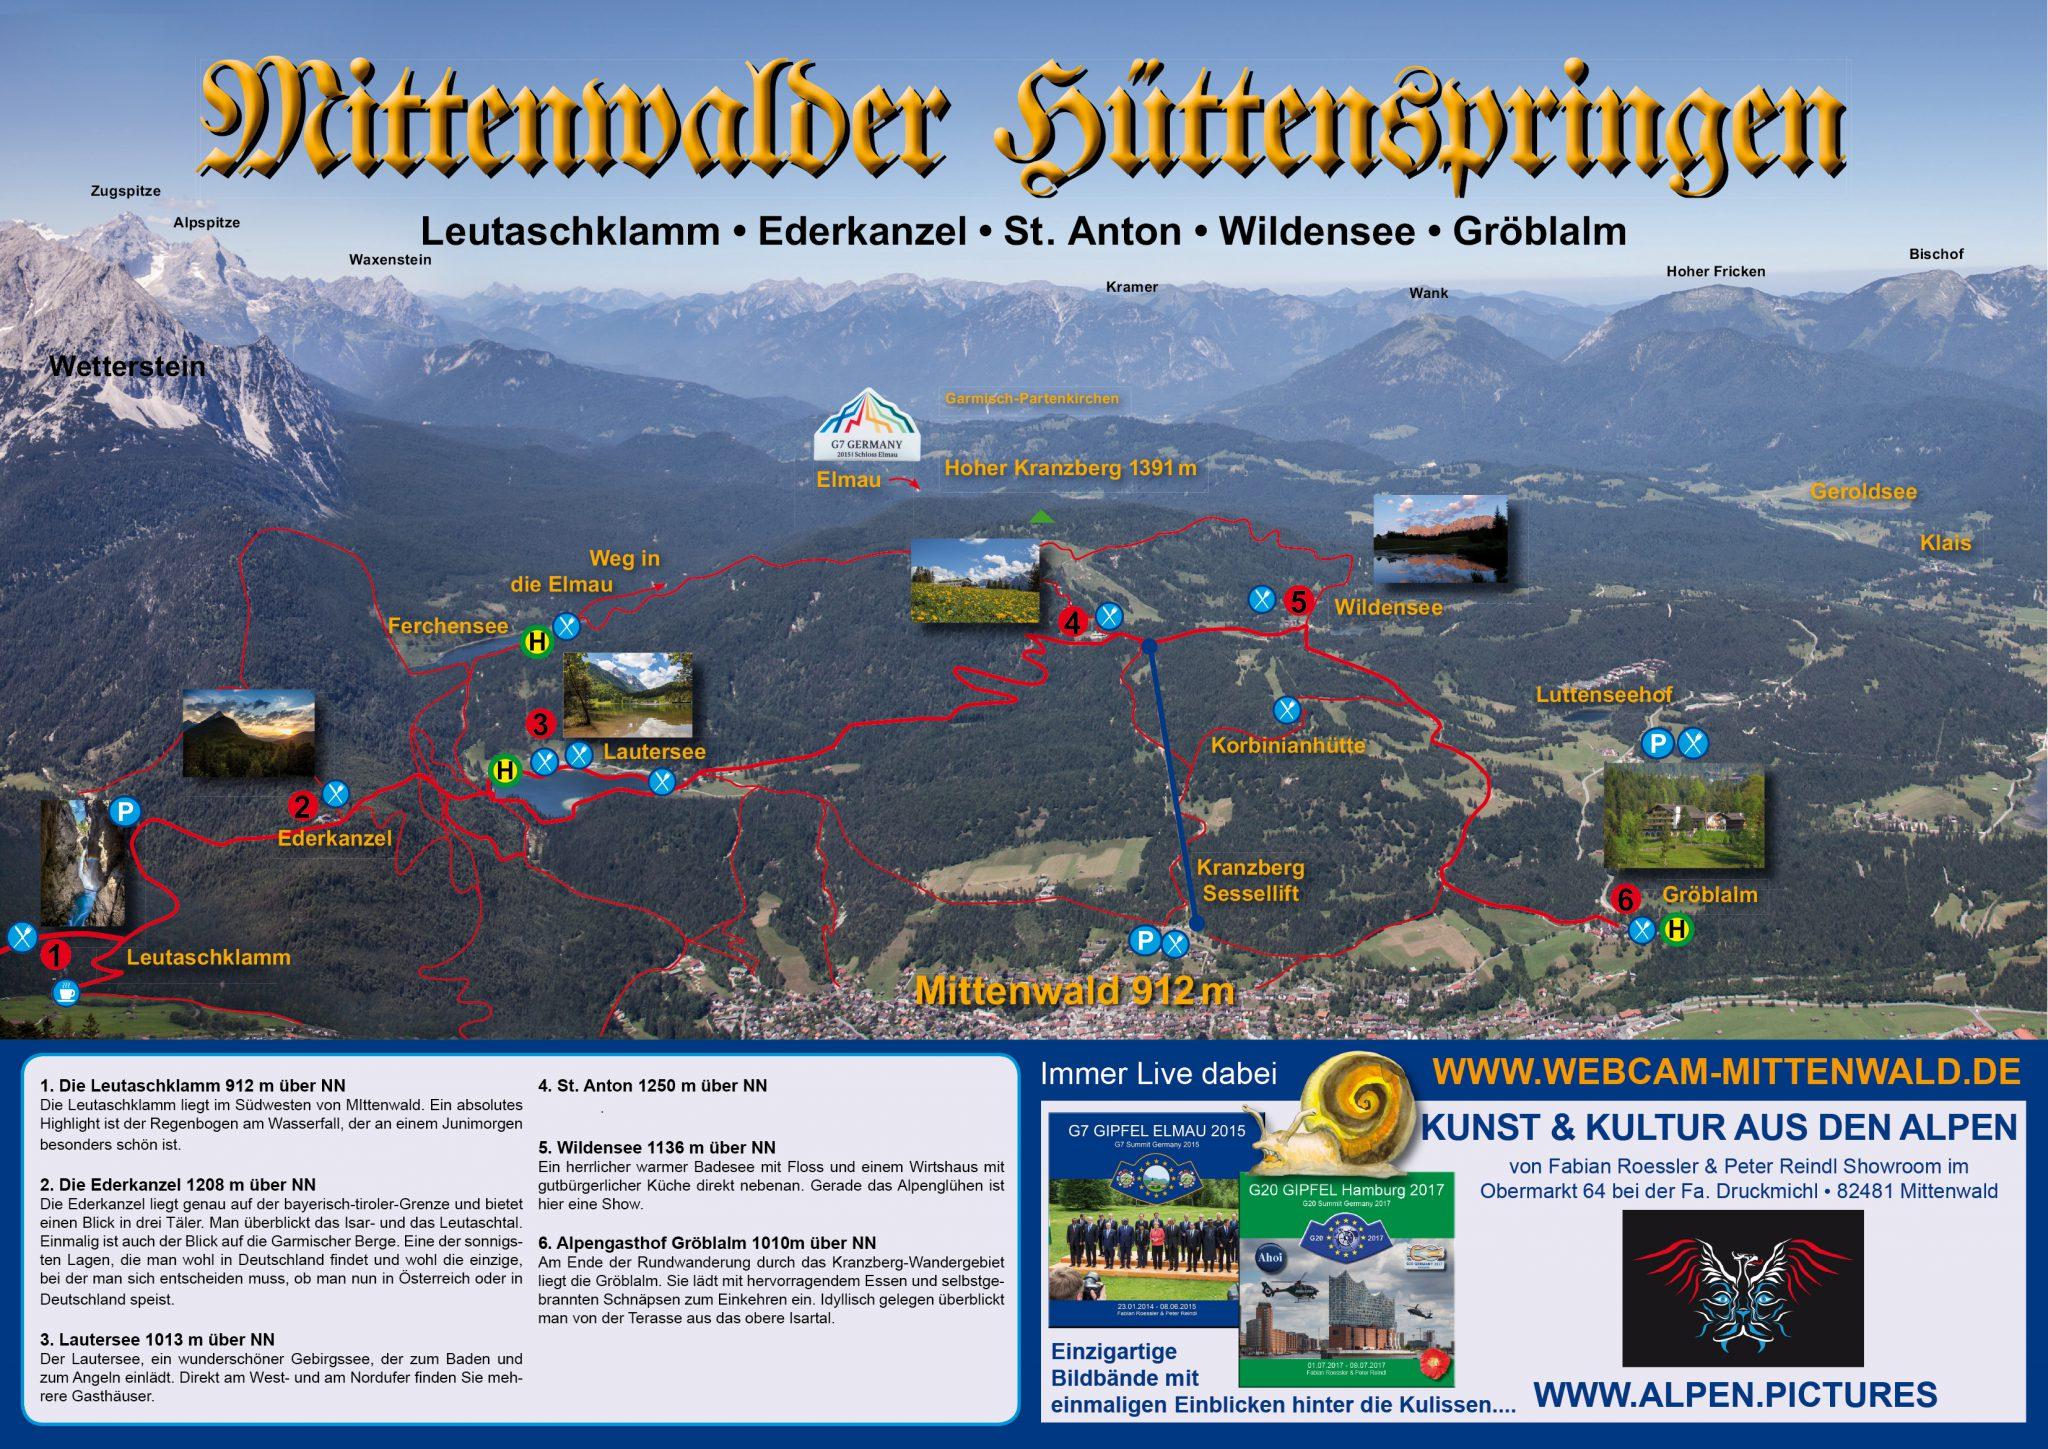 Hüttenspringen am Kranzberg